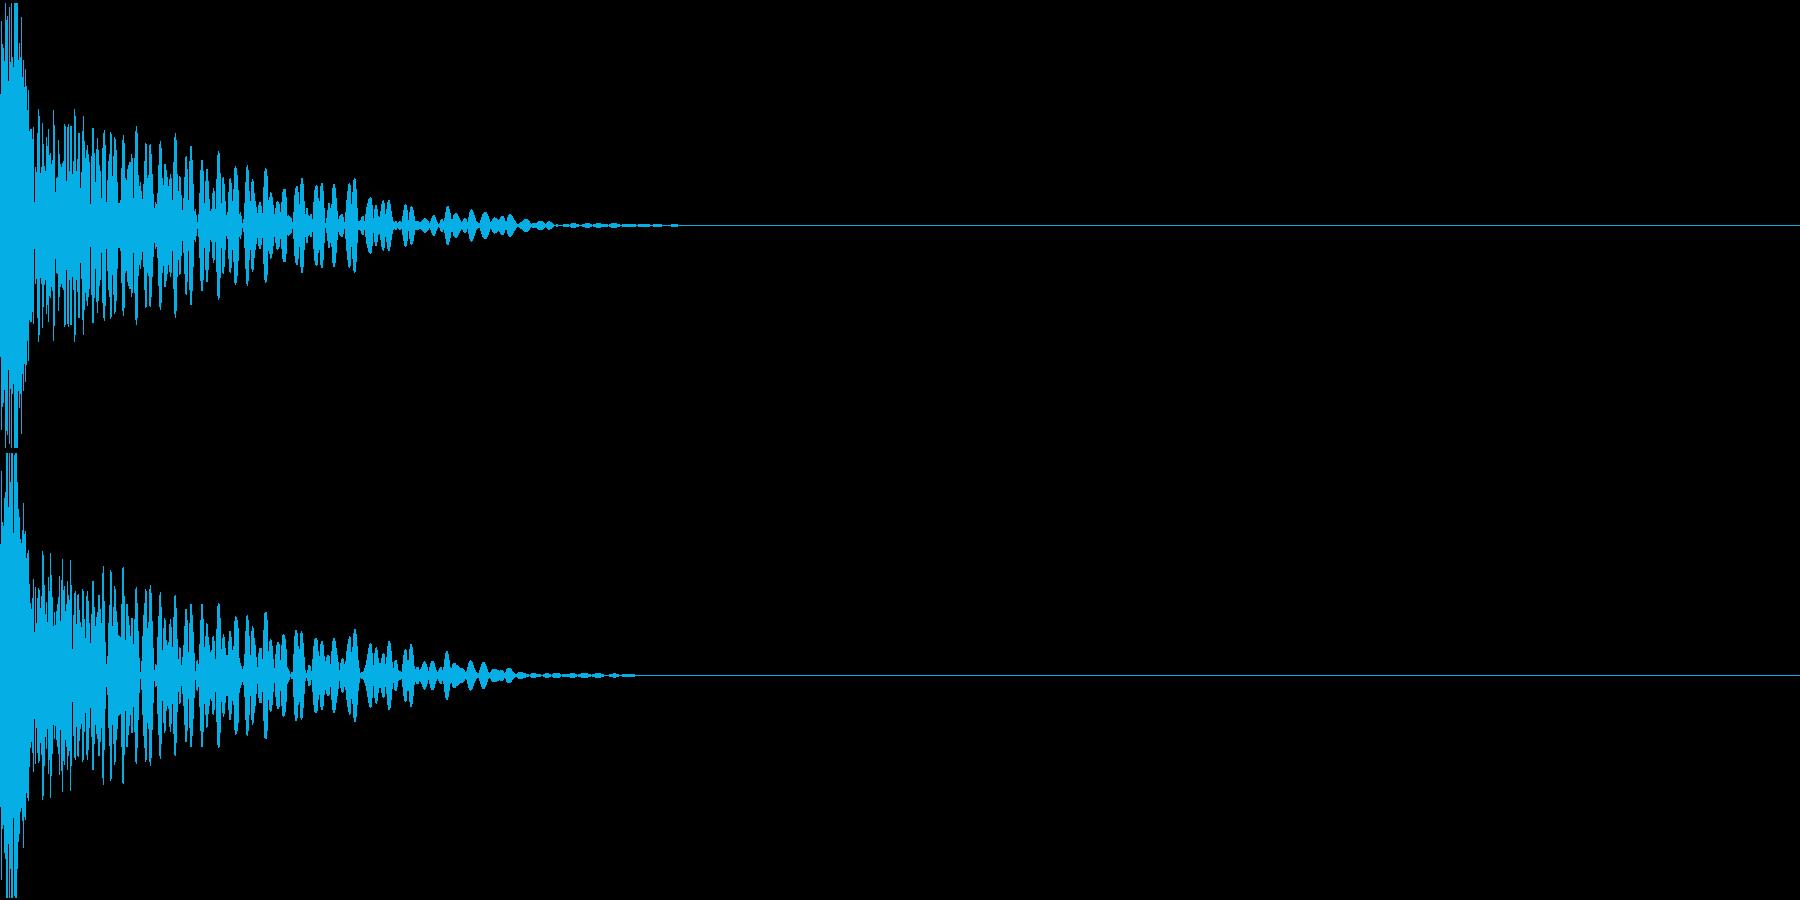 Invader ビーム銃 ショット音の再生済みの波形